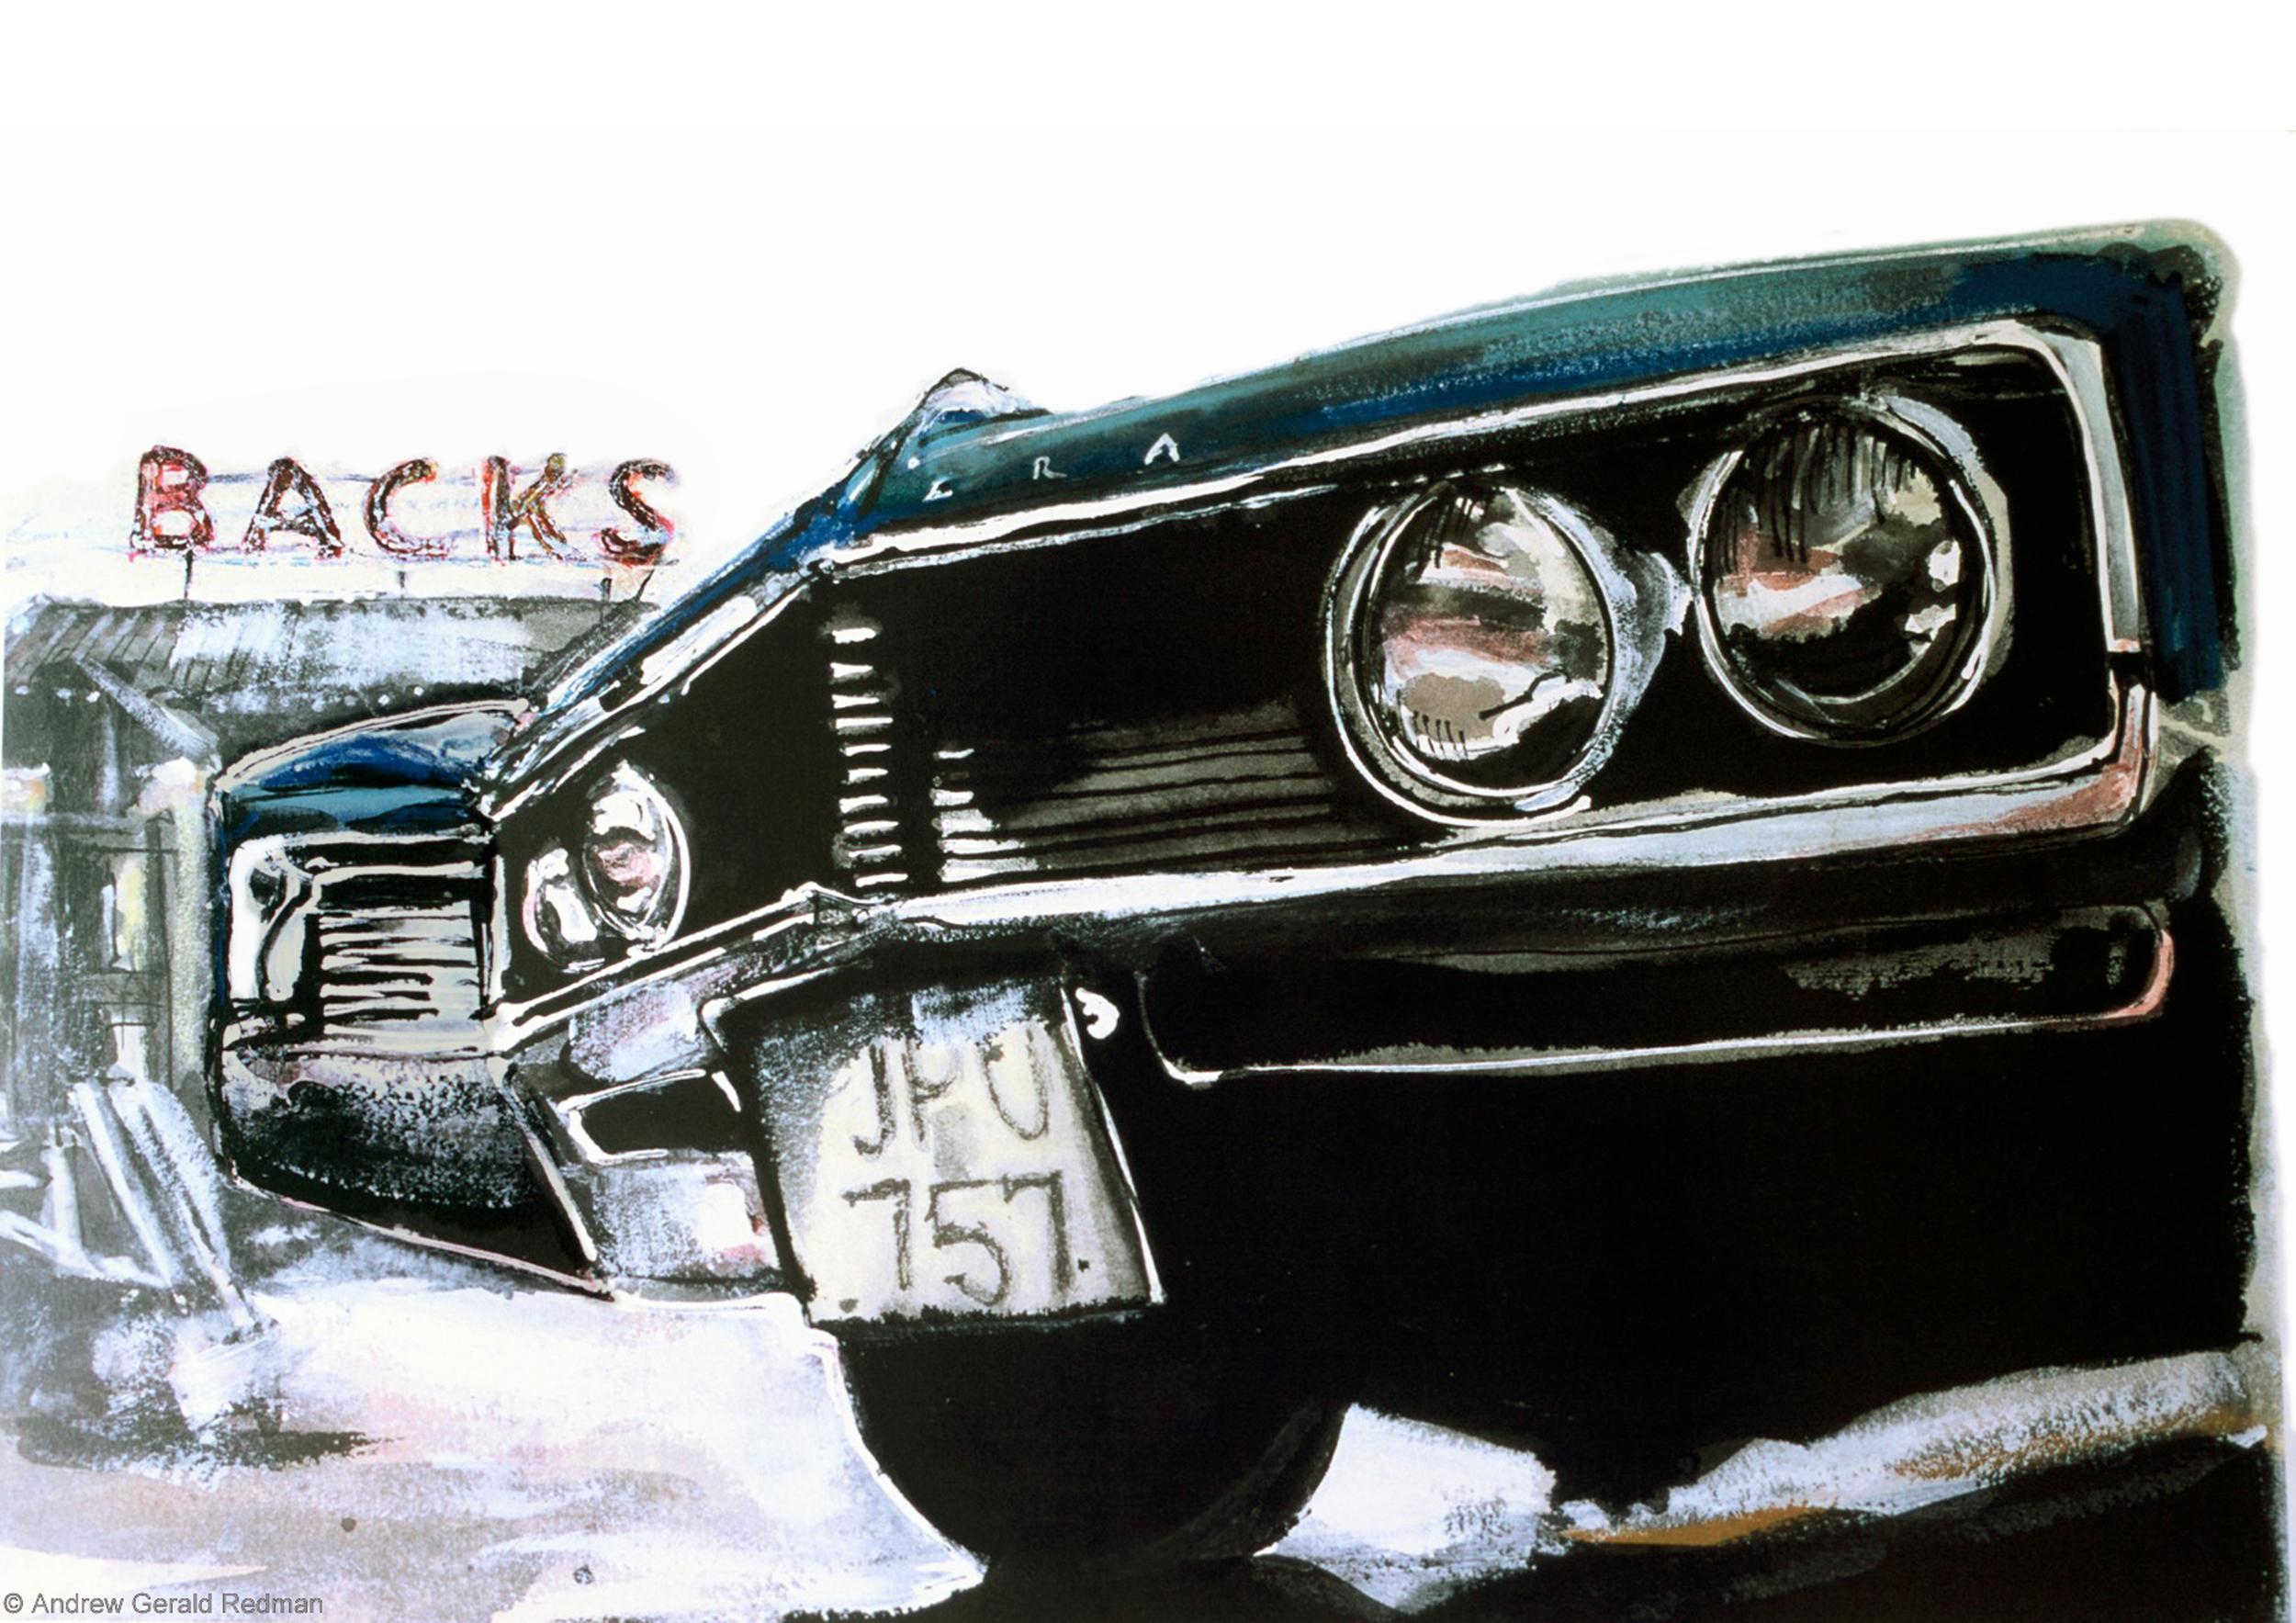 Back's Buick Rättvik